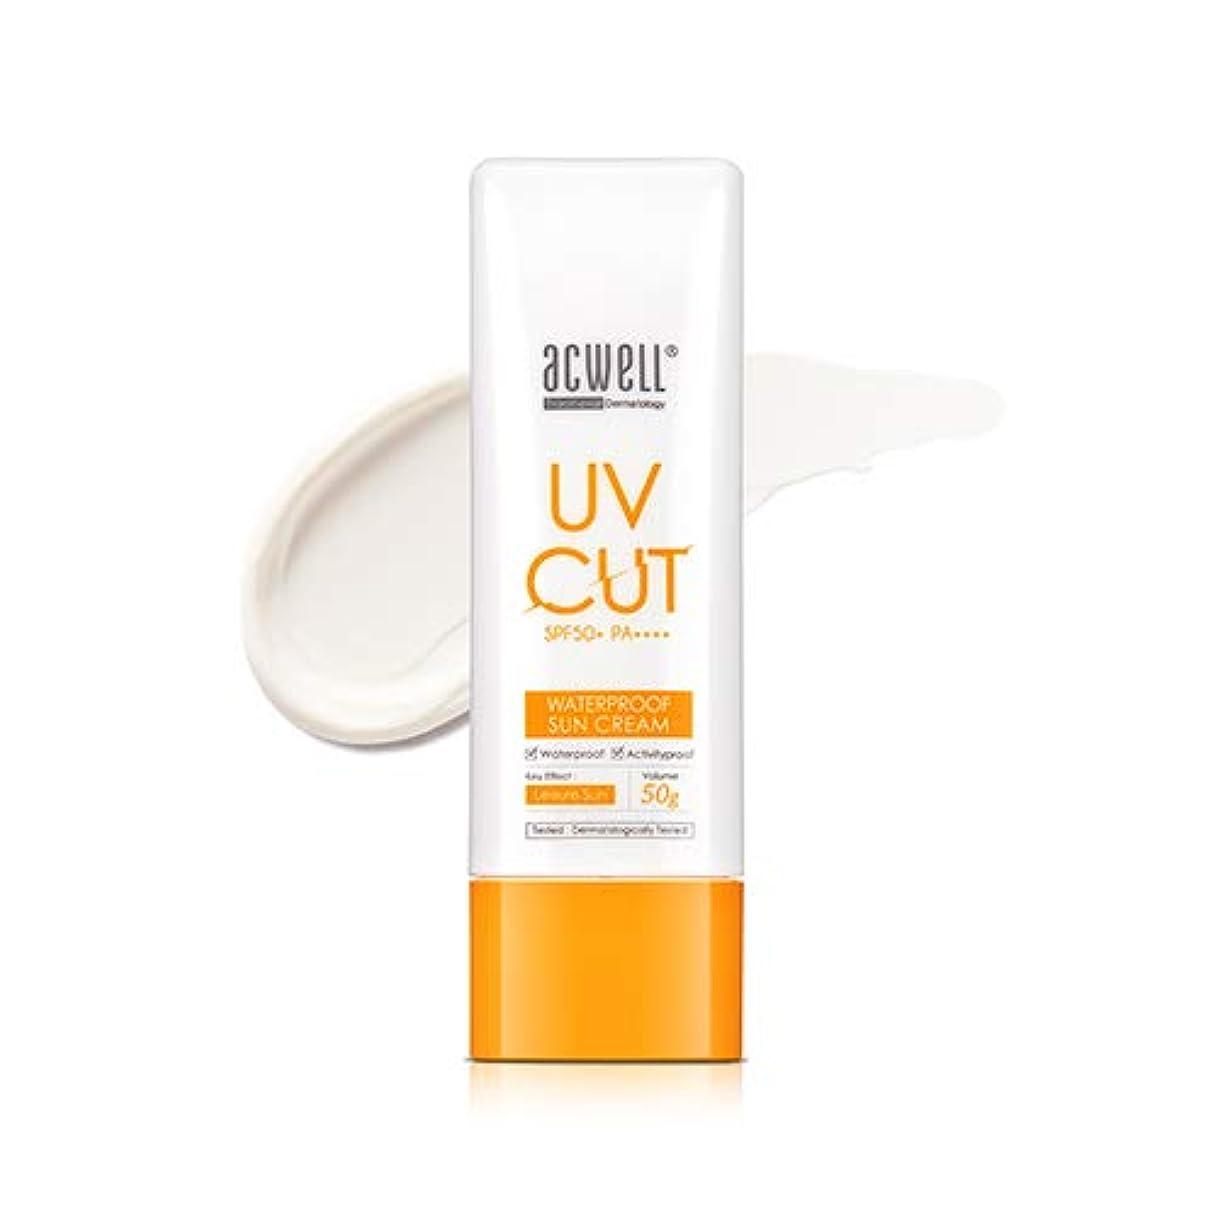 曲有利食物アクウェル ACWELL UV Cut Waterproof Sun Cream ウォータープルーフ サンクリーム 50g, SPF50+ PA++++ [Made in Korea]